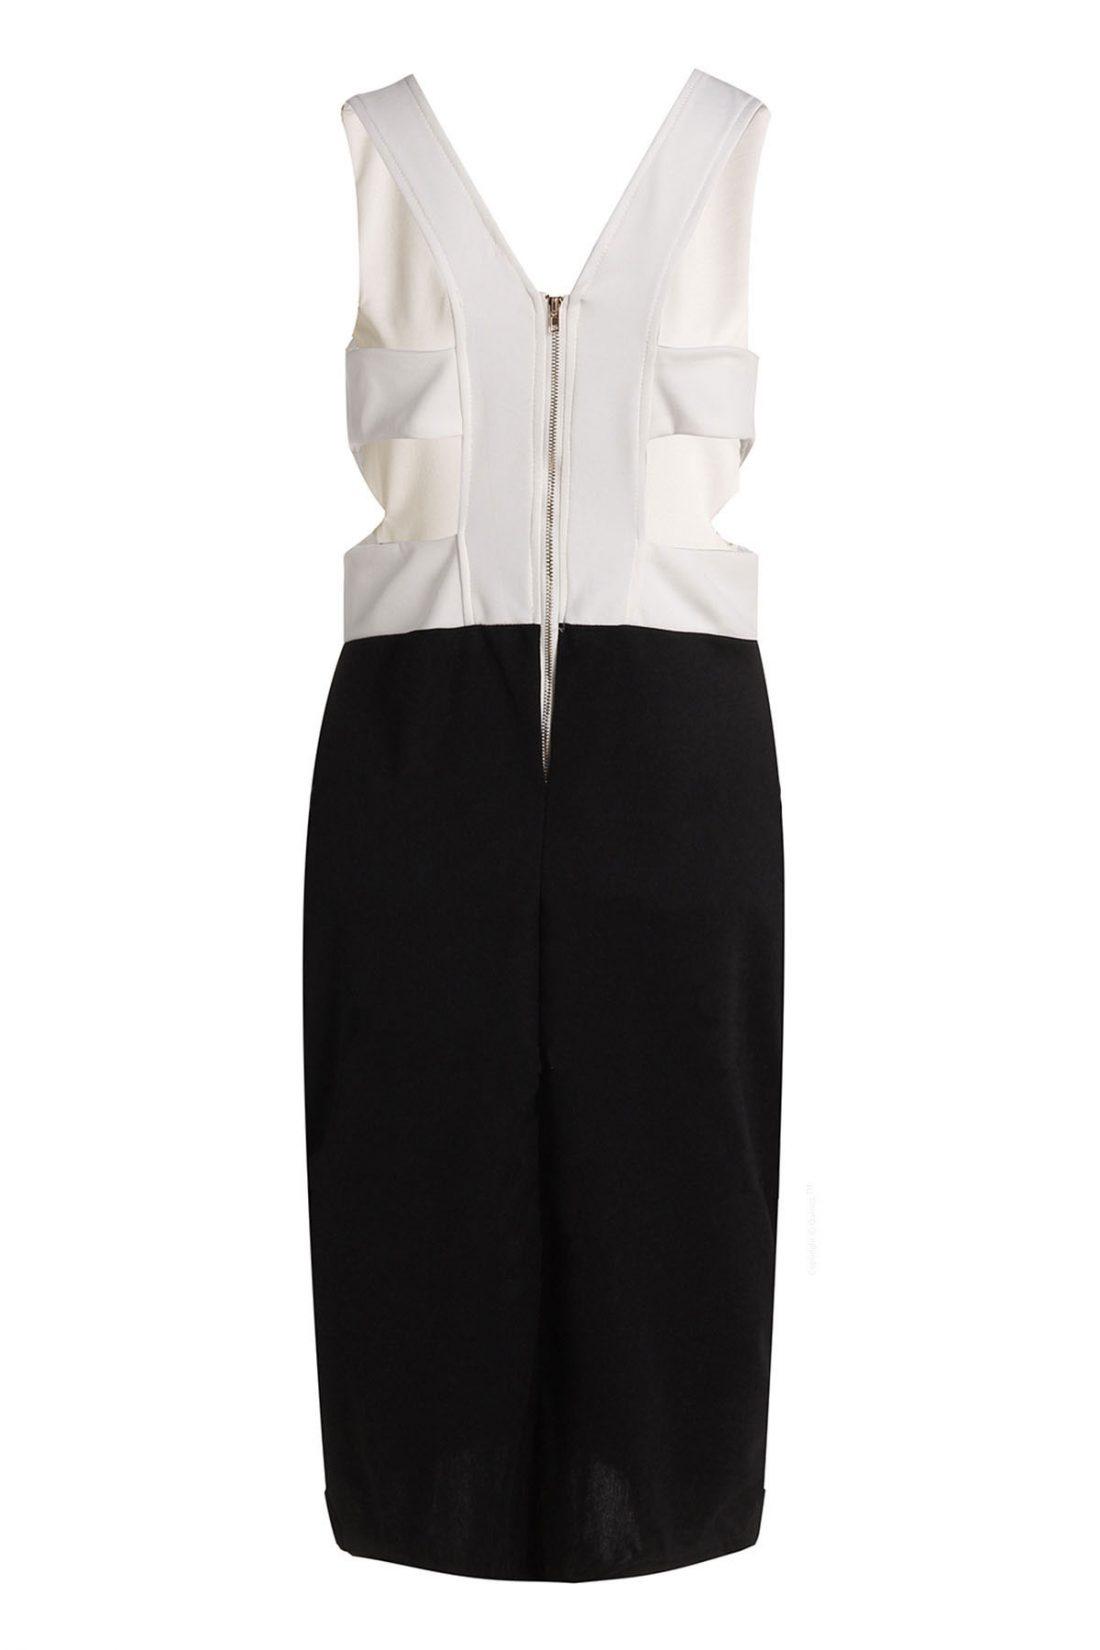 M0157 blackwhite2 Office Evening Dresses maureens.com boutique